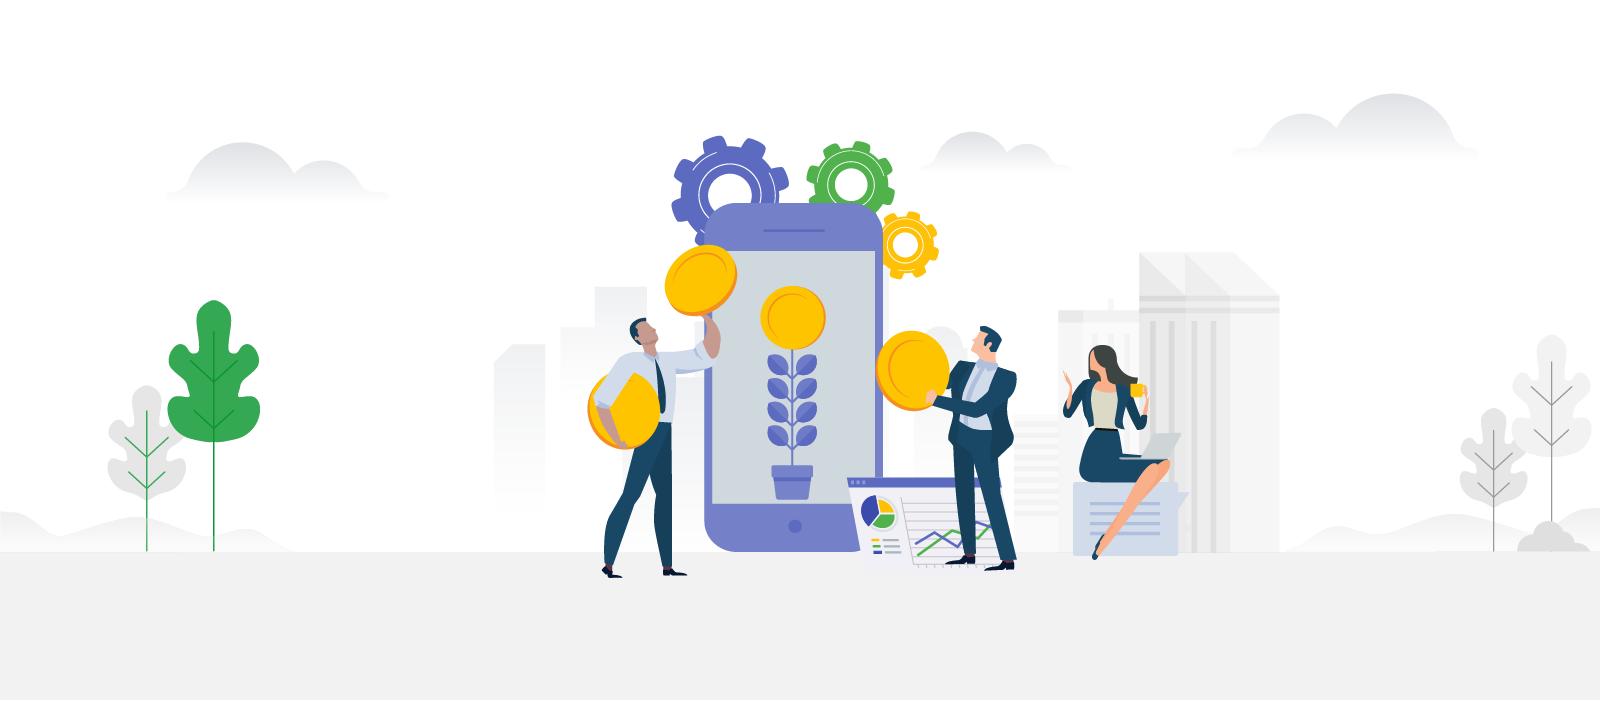 Mobil uygulamaya sadık müşteri yaratarak şirketinizin büyümesine nasıl katkı sağlarsınız?